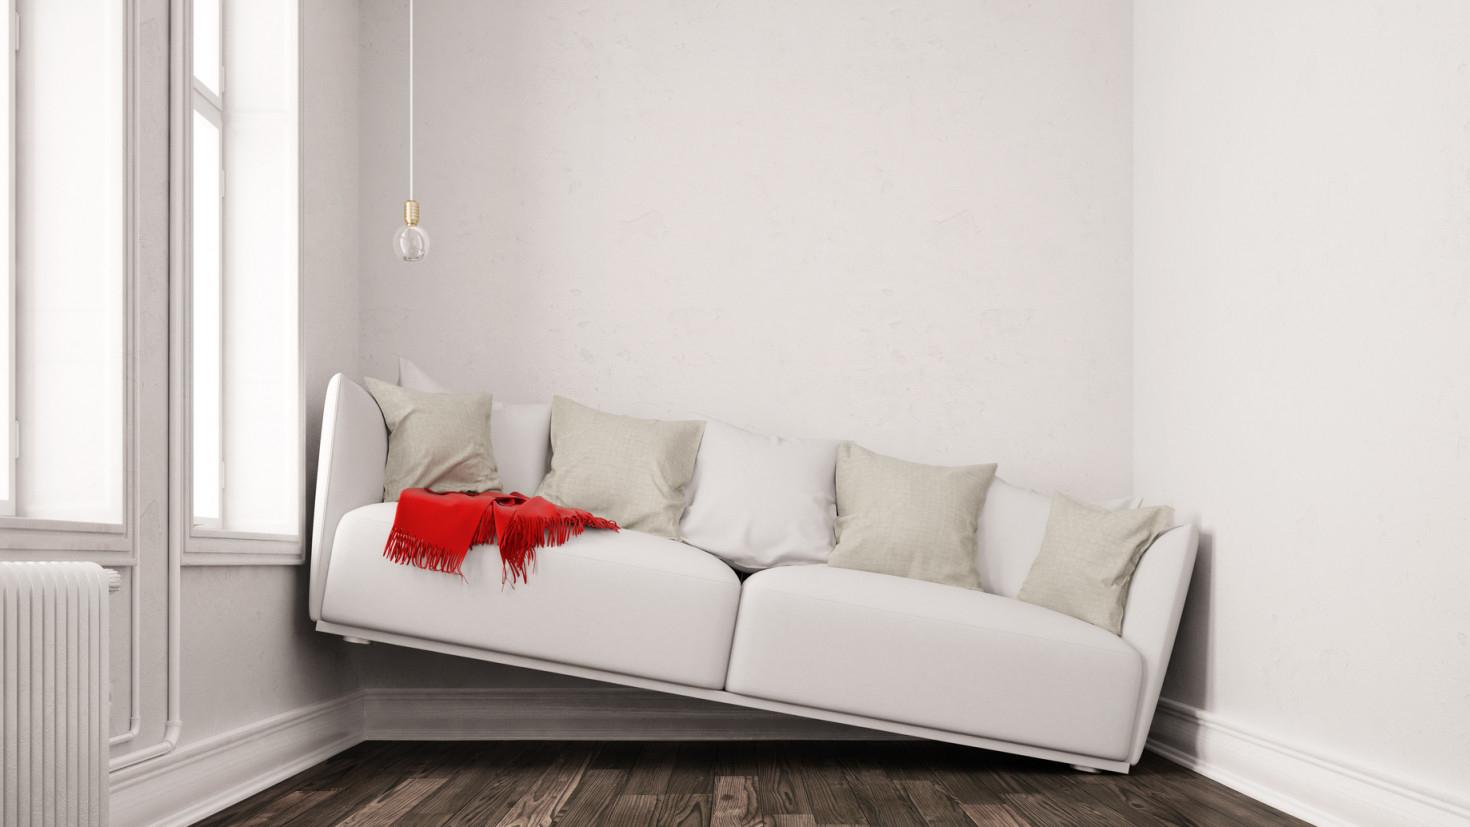 Kleines Wohnzimmer Einrichten  10 Ultimative Ideen von Wohnzimmer Einrichten Ideen Bild